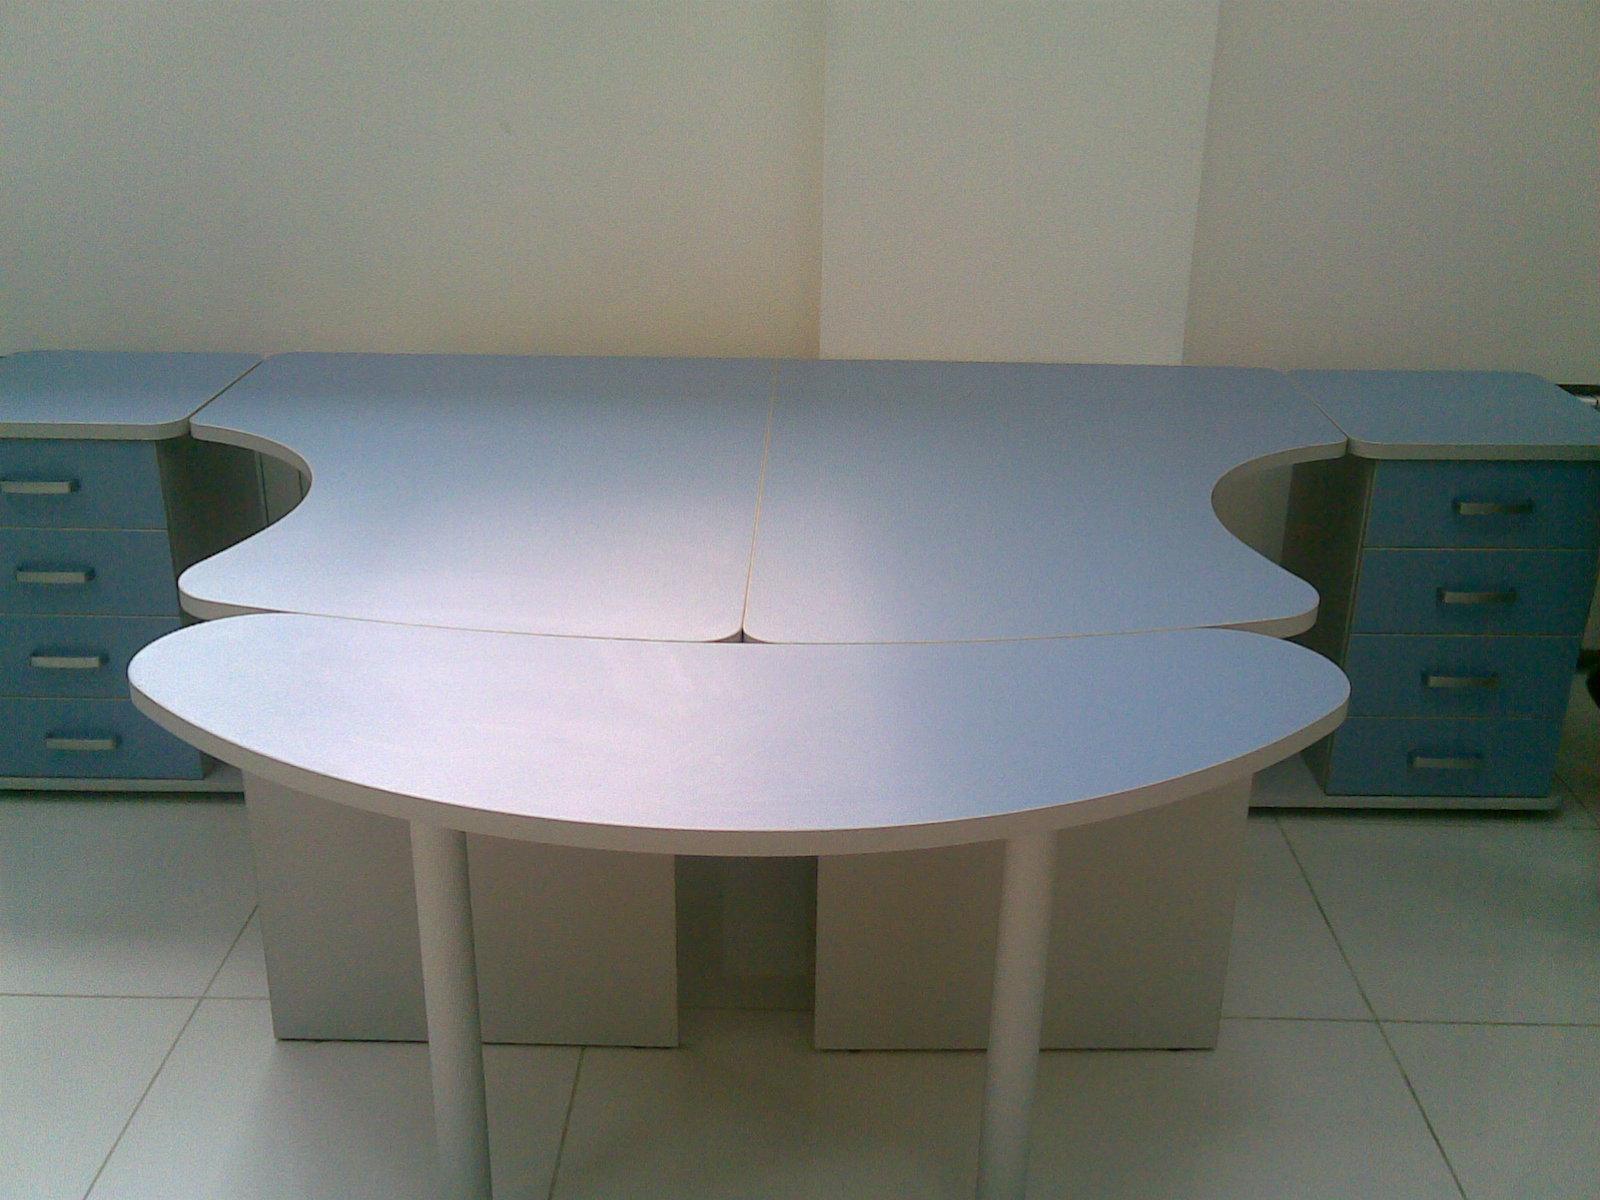 Фото: офисные столы под заказ киев. изготовление мебели, кие.